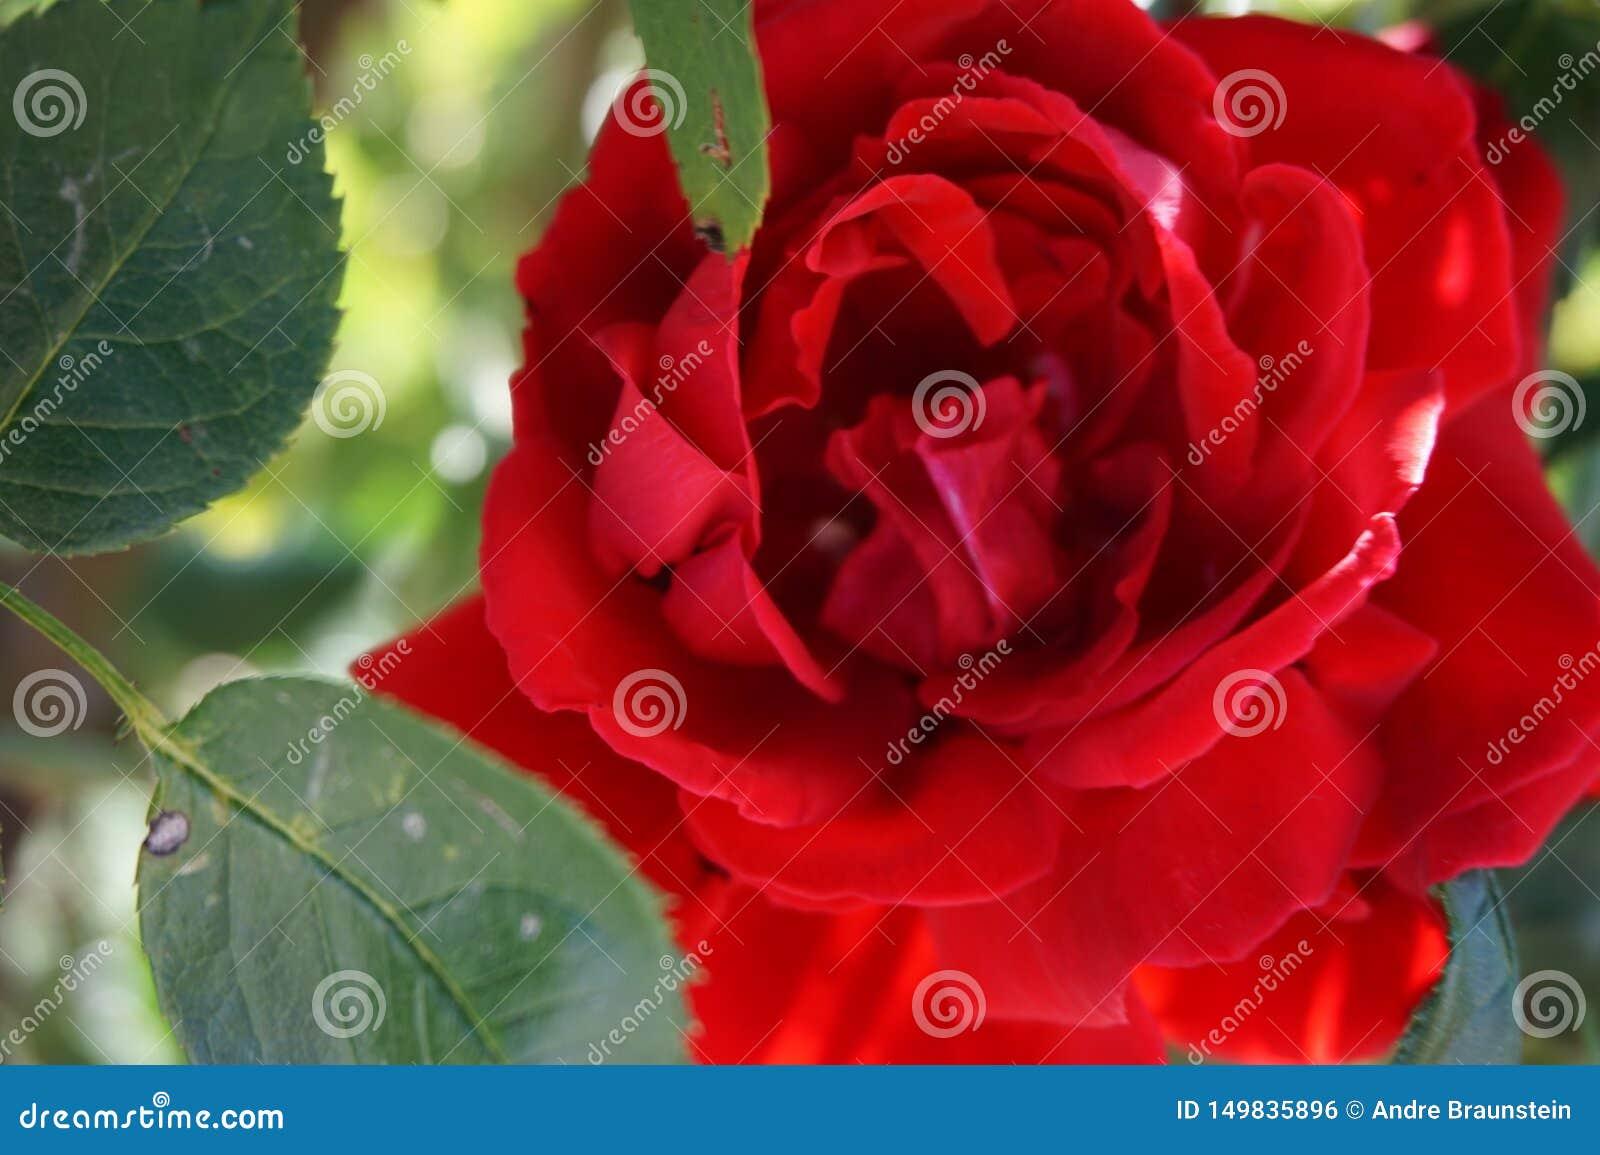 Rosa roja hermosa con las hojas en primer